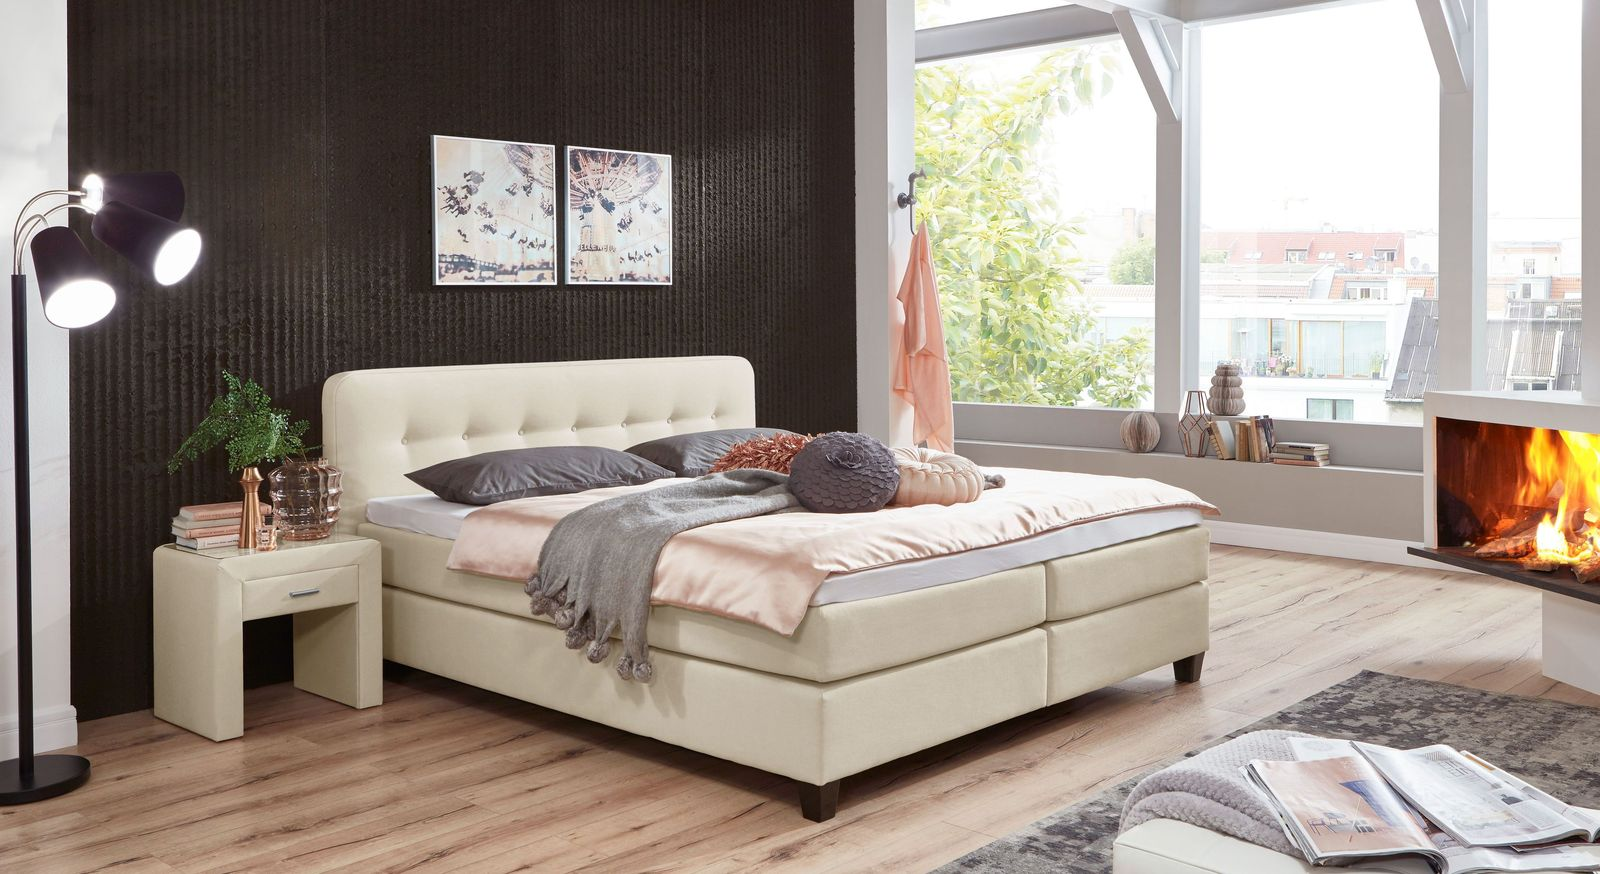 Boxspringbett Westport mit passenden Schlafzimmermöbeln